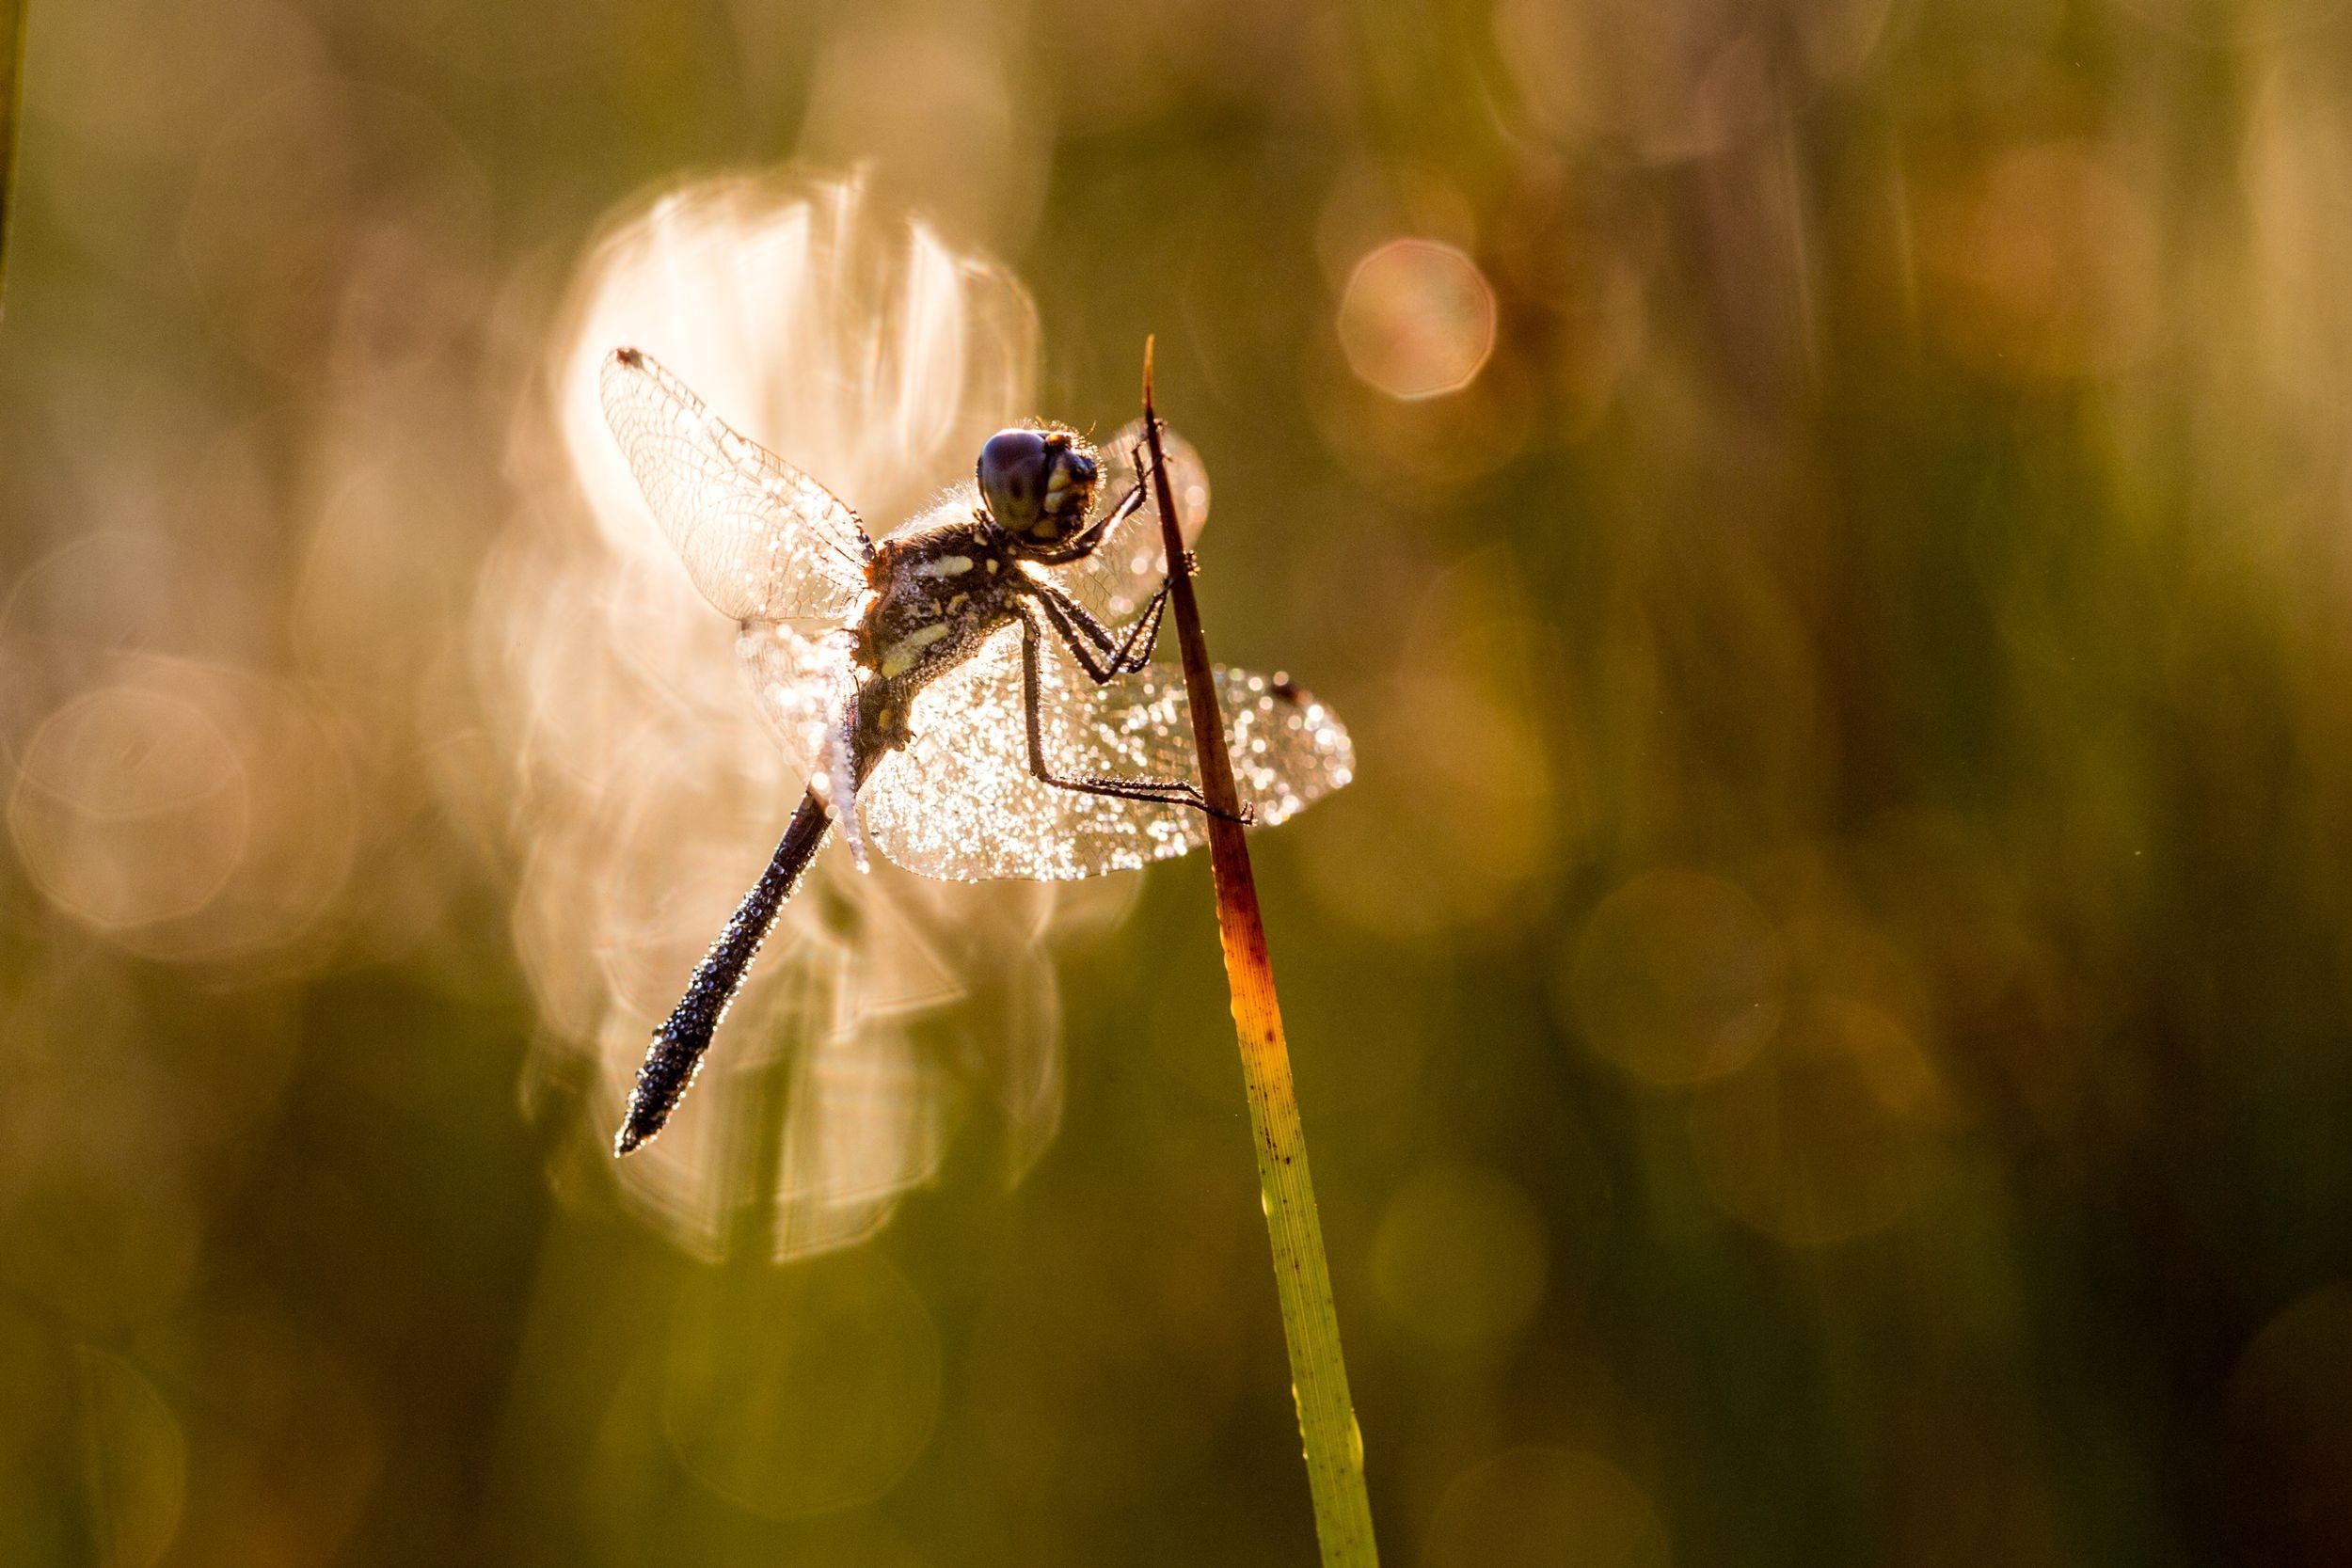 Ook probeer ik bij het fotograferen van libellen en/of juffers, zoveel mogelijk een andere lichtinval te kiezen.